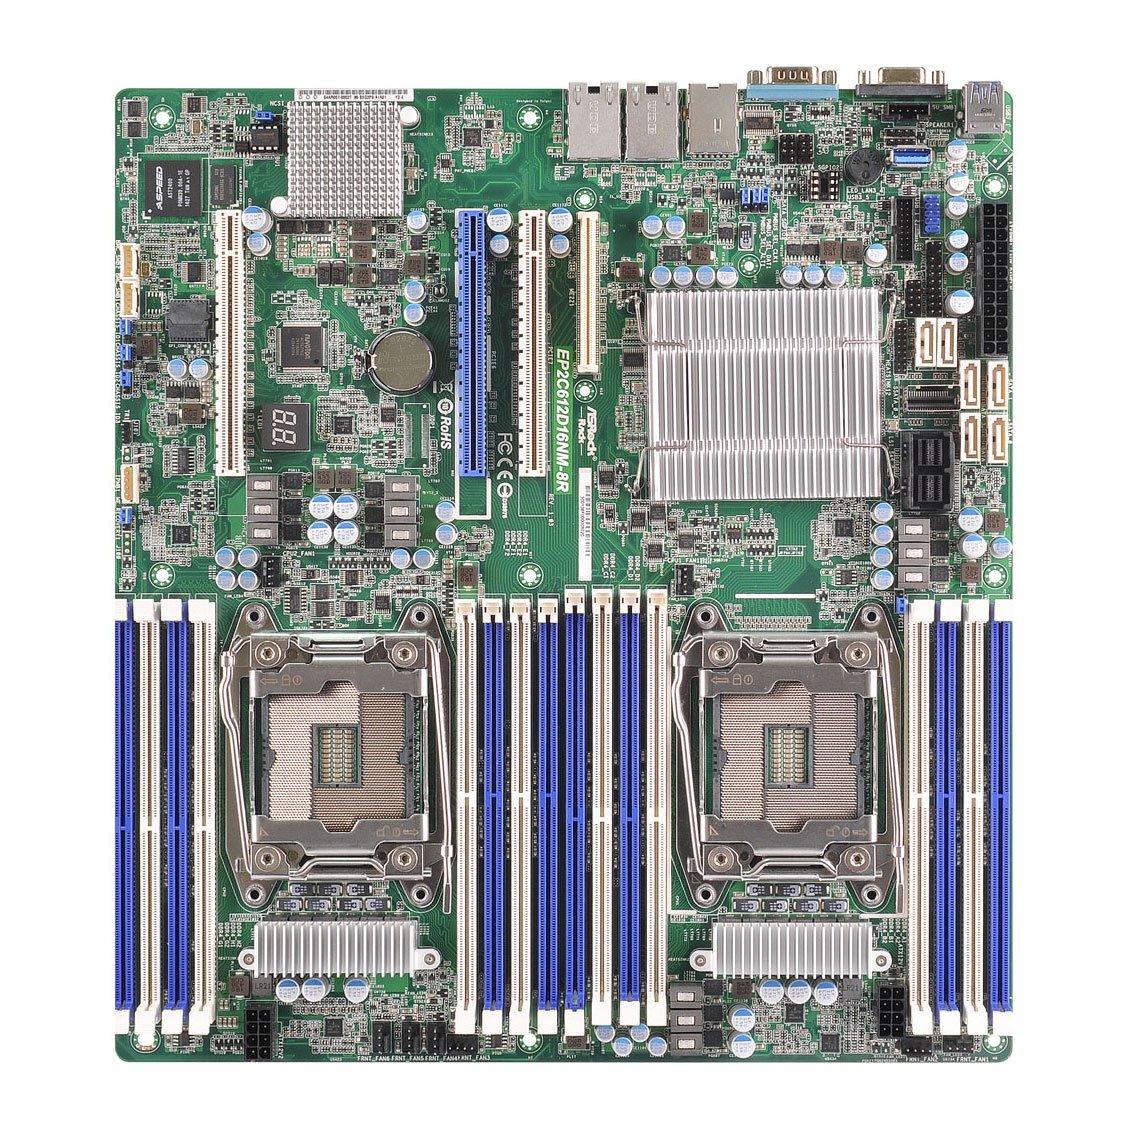 ASRock Rack Motherboard EP2C612D16NM-8R